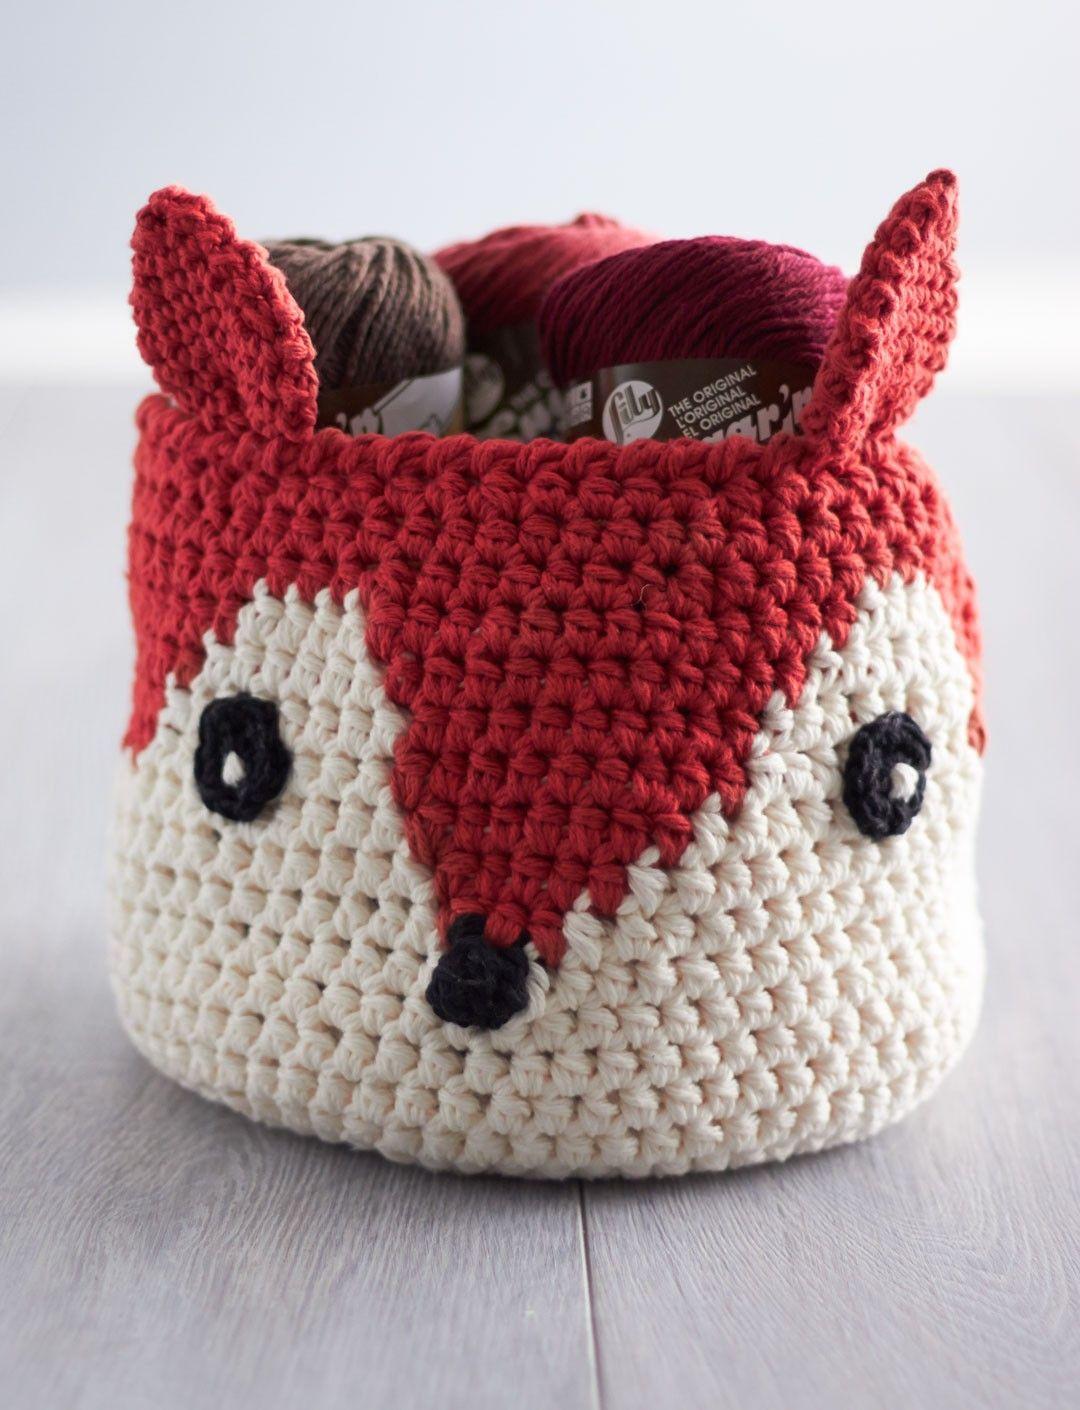 10 Crochet Fox Patterns Page 2 Of 4 Crochet Crochet Crochet